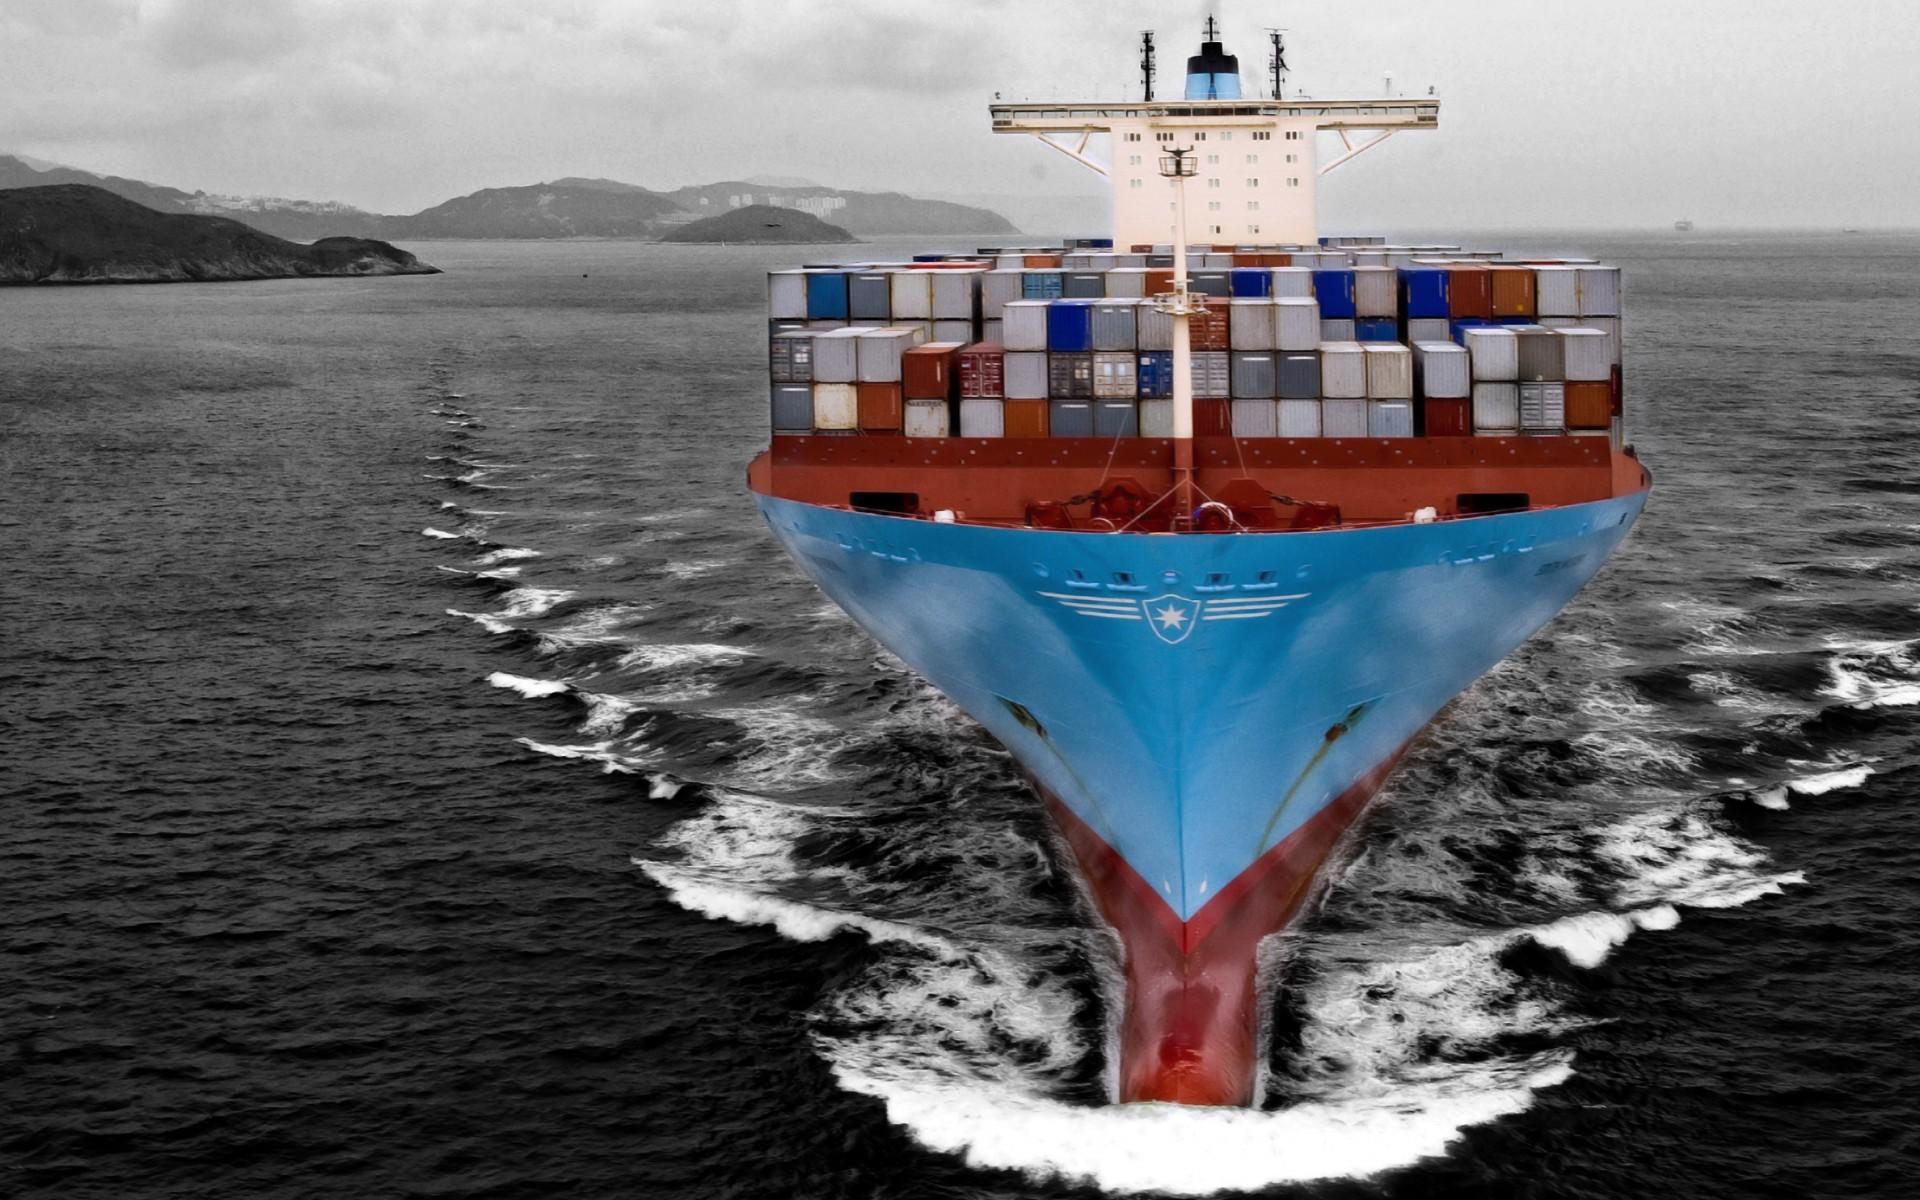 фото обои рабочего стола контейнеровоз судно кому интересен